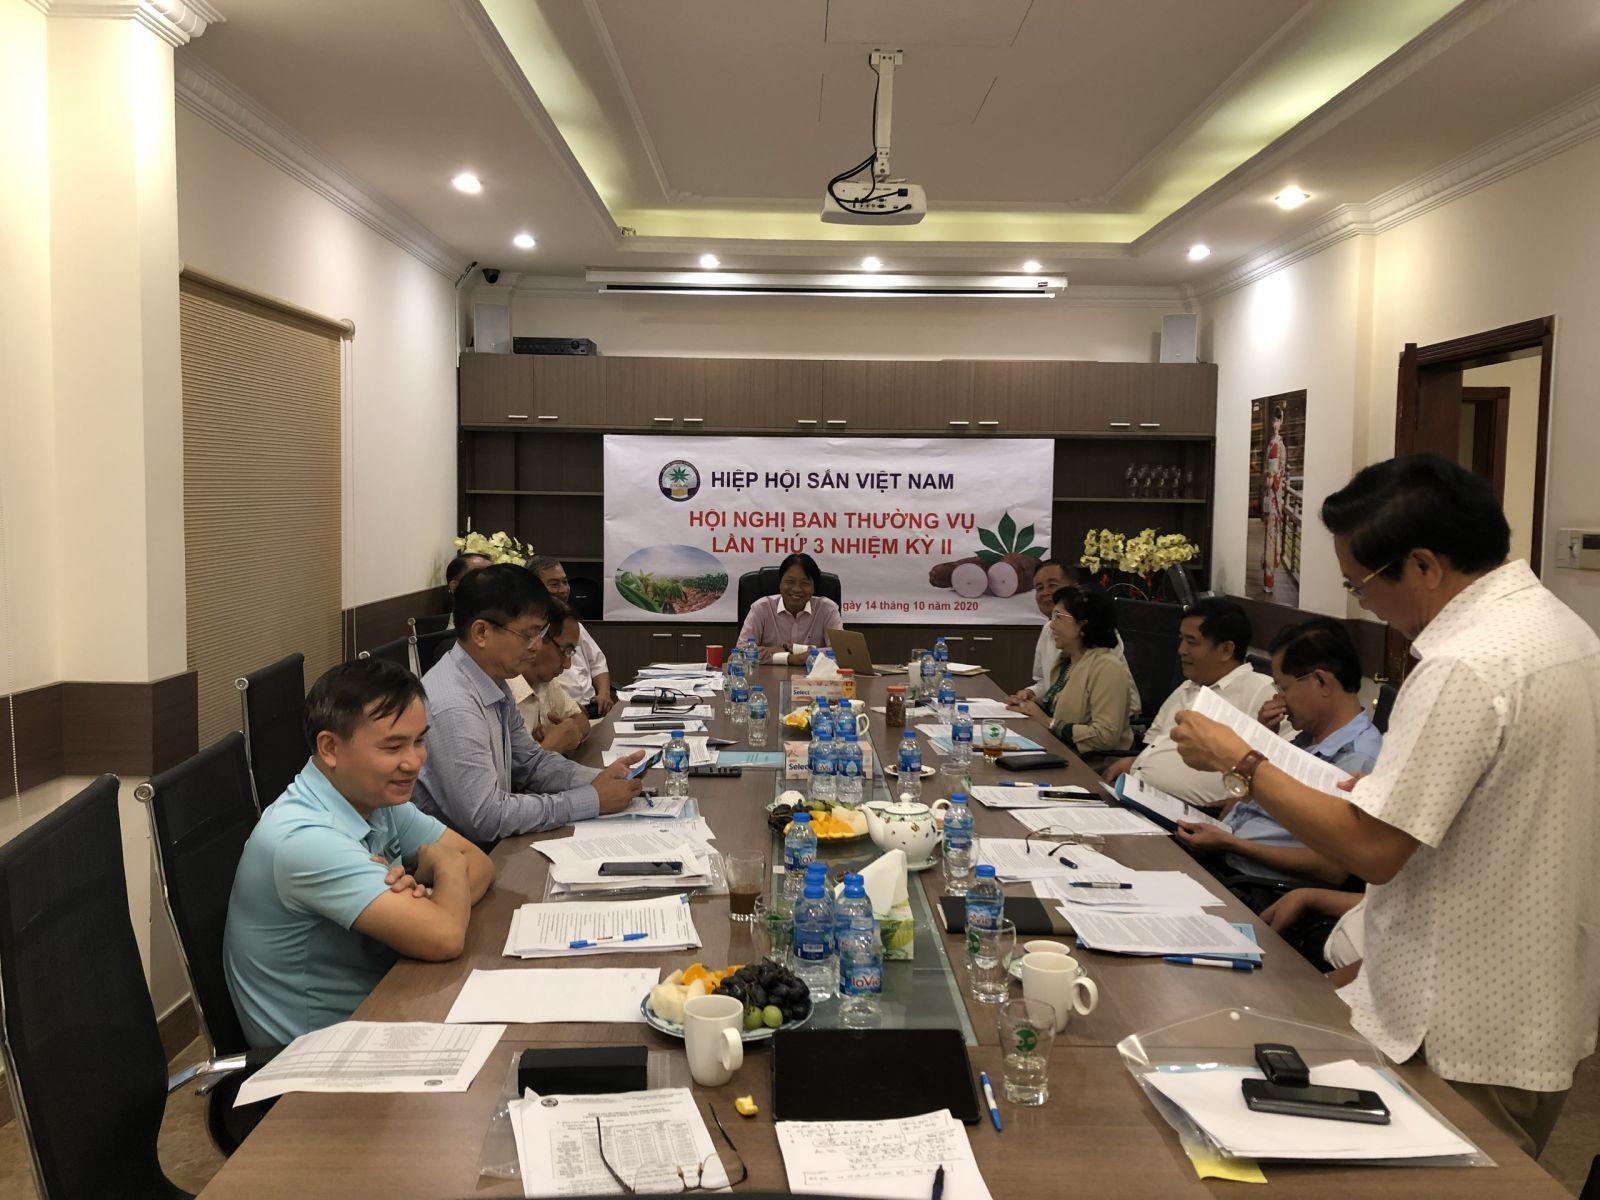 Hội nghị Ban Thường vụ lần thứ 3 Nhiệm kỳ II ngày 14.10.2020 tại Tp. Hồ Chí Minh